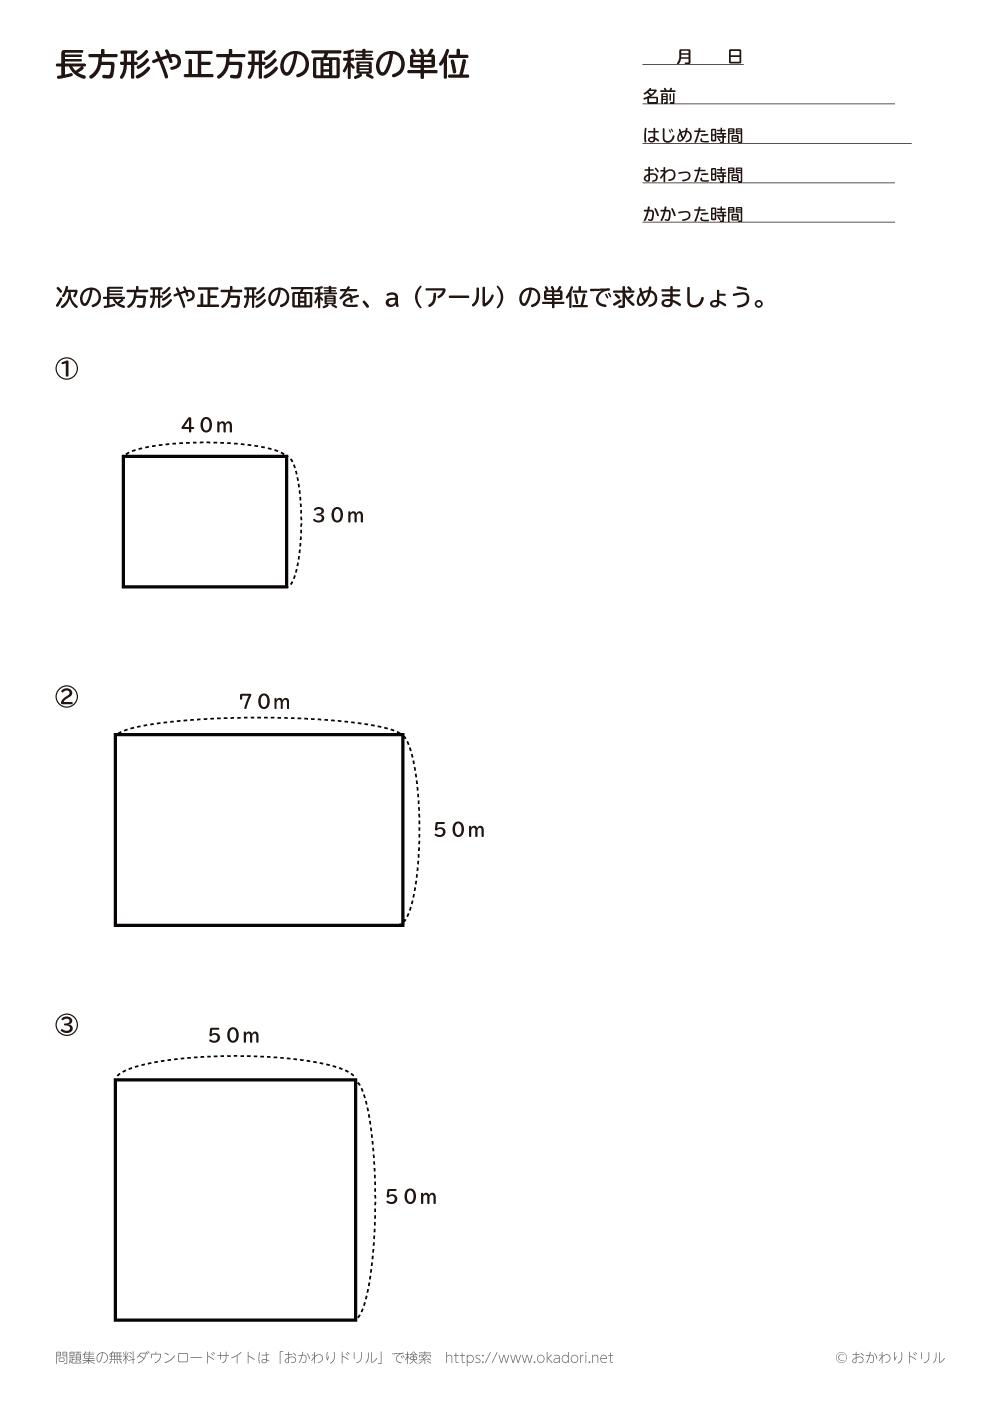 長方形や正方形の面積の単位3